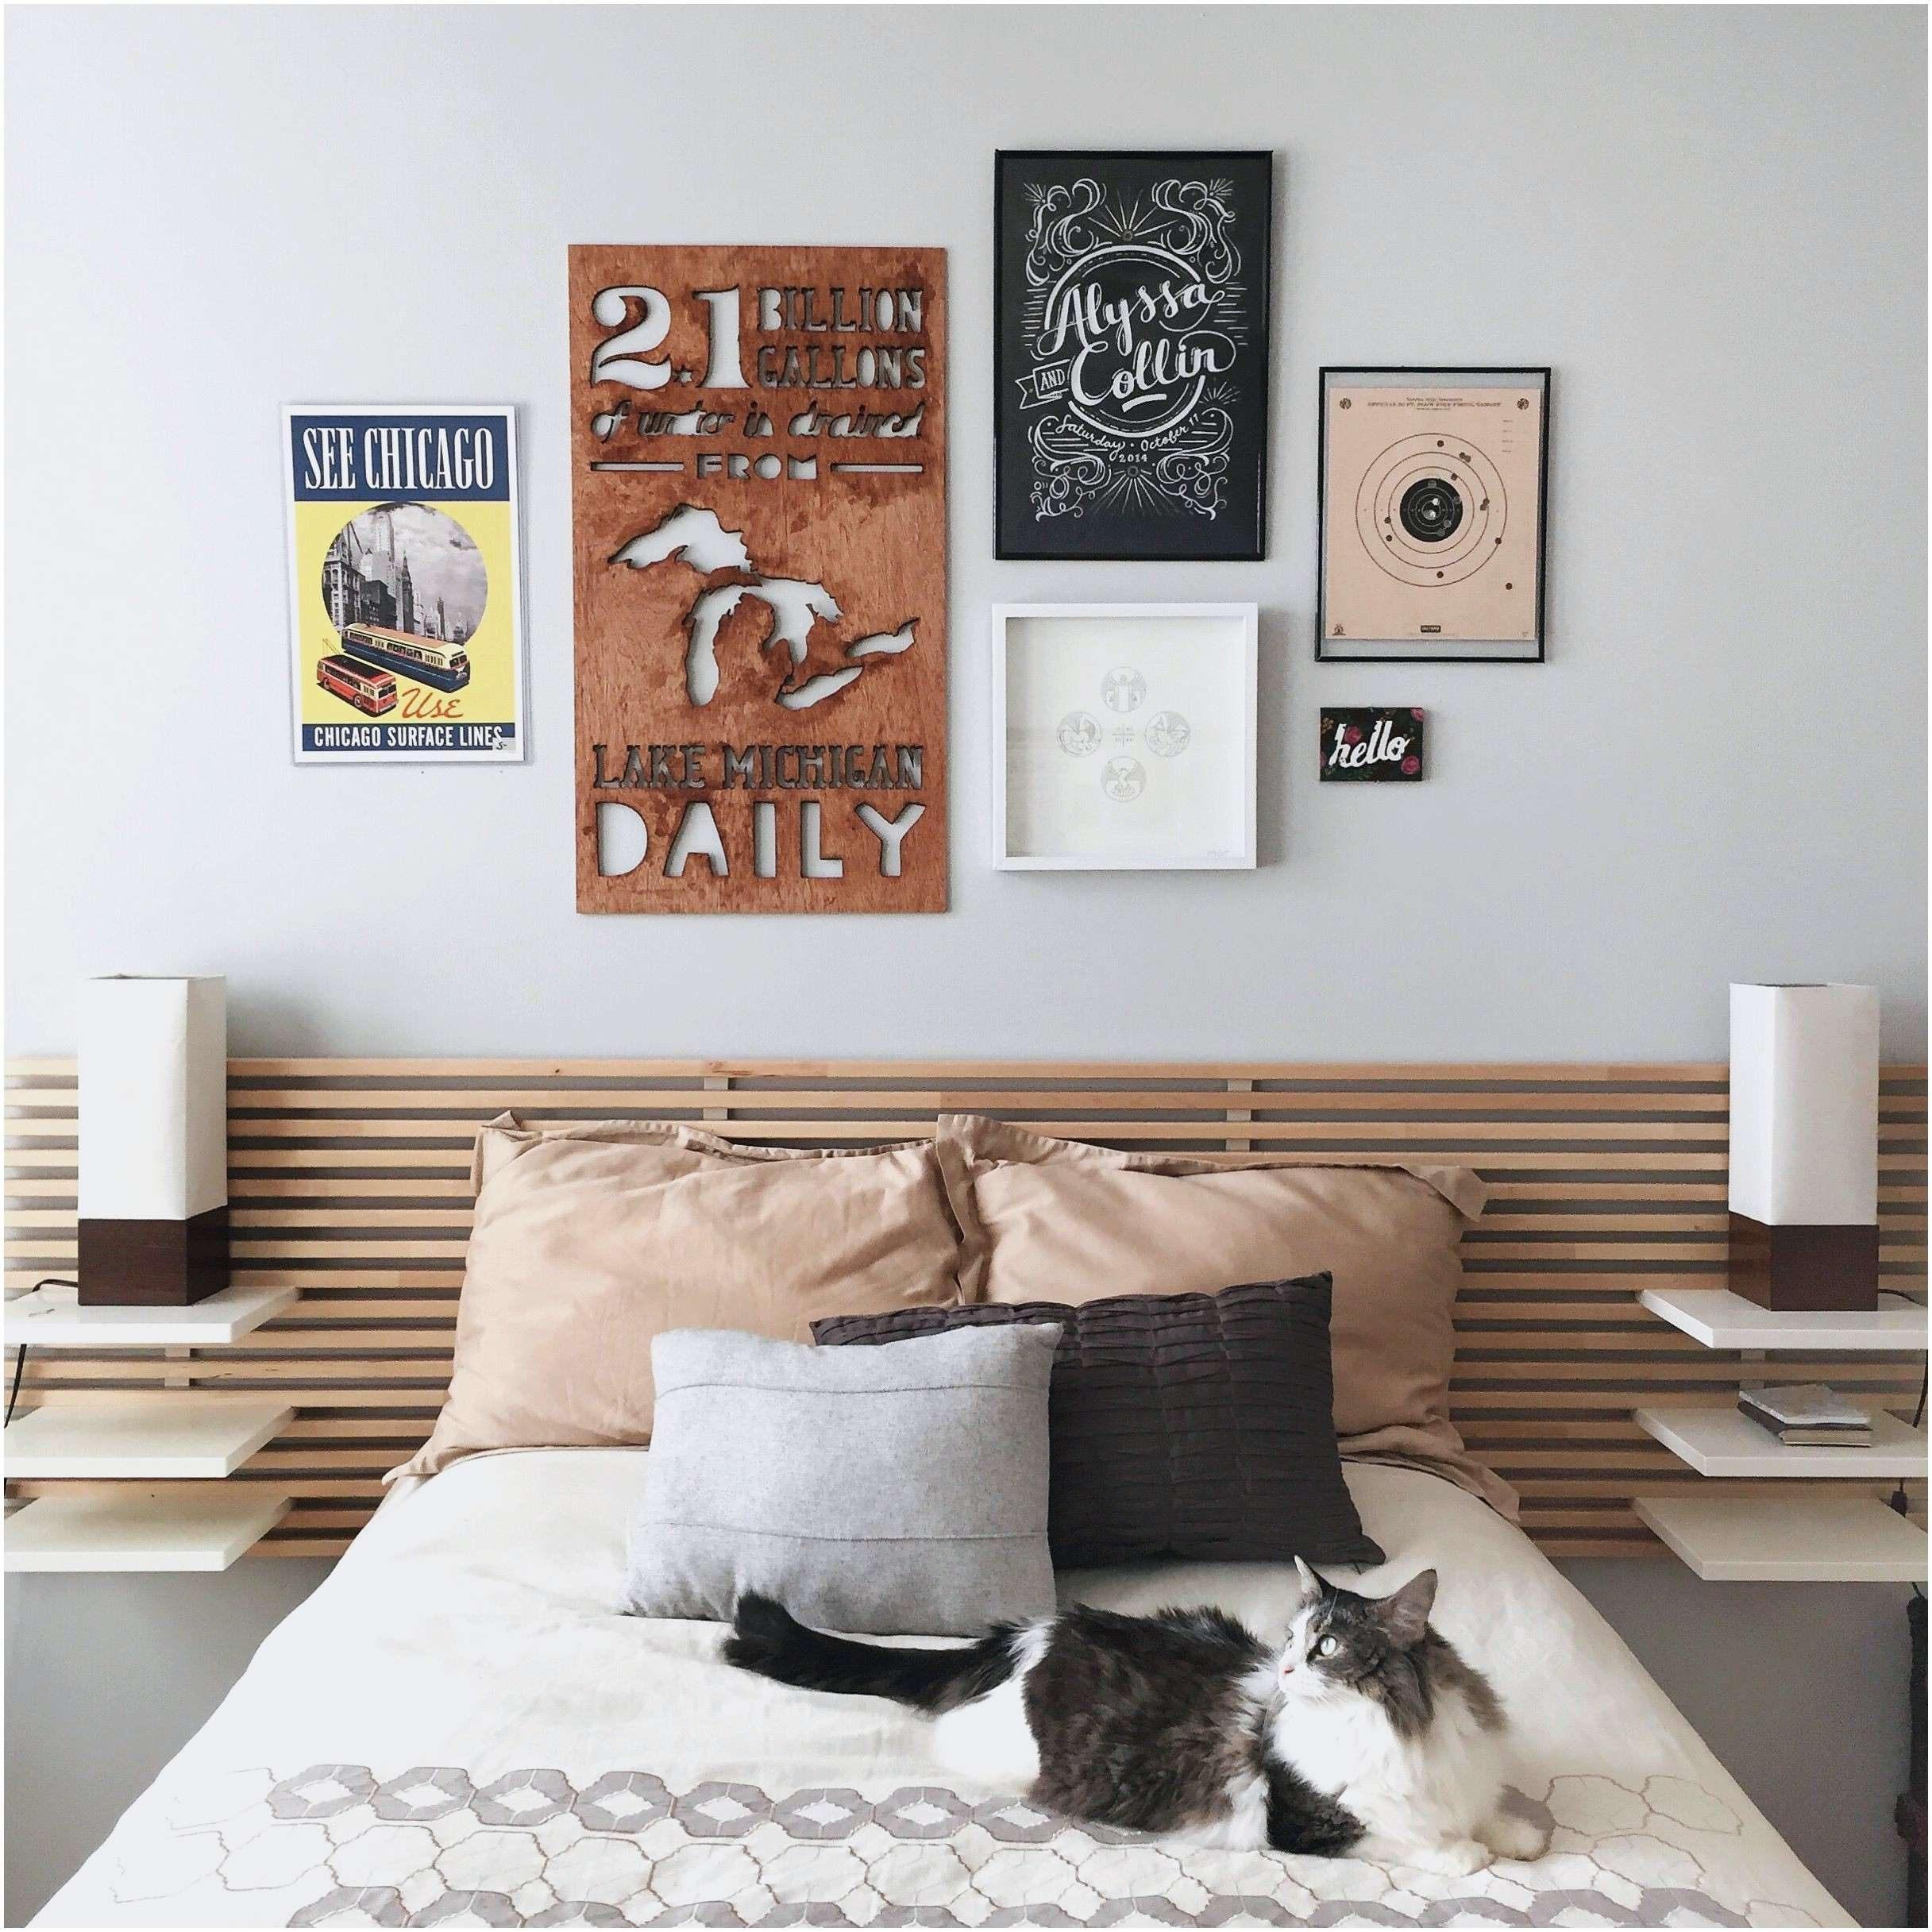 Cadre De Lit Bois Beau Impressionnant Ikea Lit Mandal Beau Cadre De Lit Design élégant